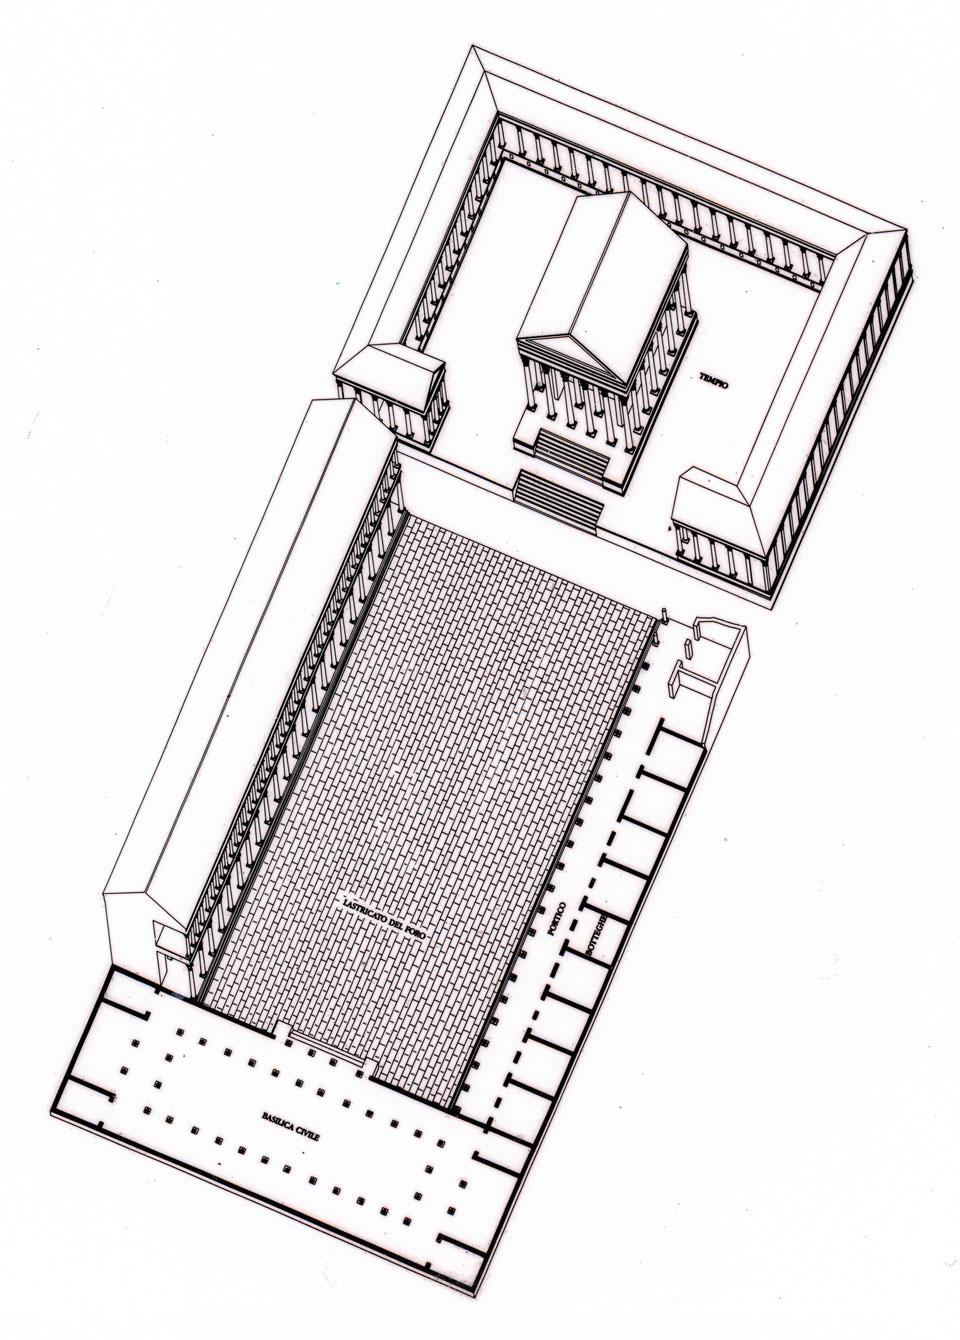 Ipotesi ricostruttiva (Elaborazione grafica di Loretta Zega, Archivio Soprintendenza per i Beni Archeologici del Veneto)